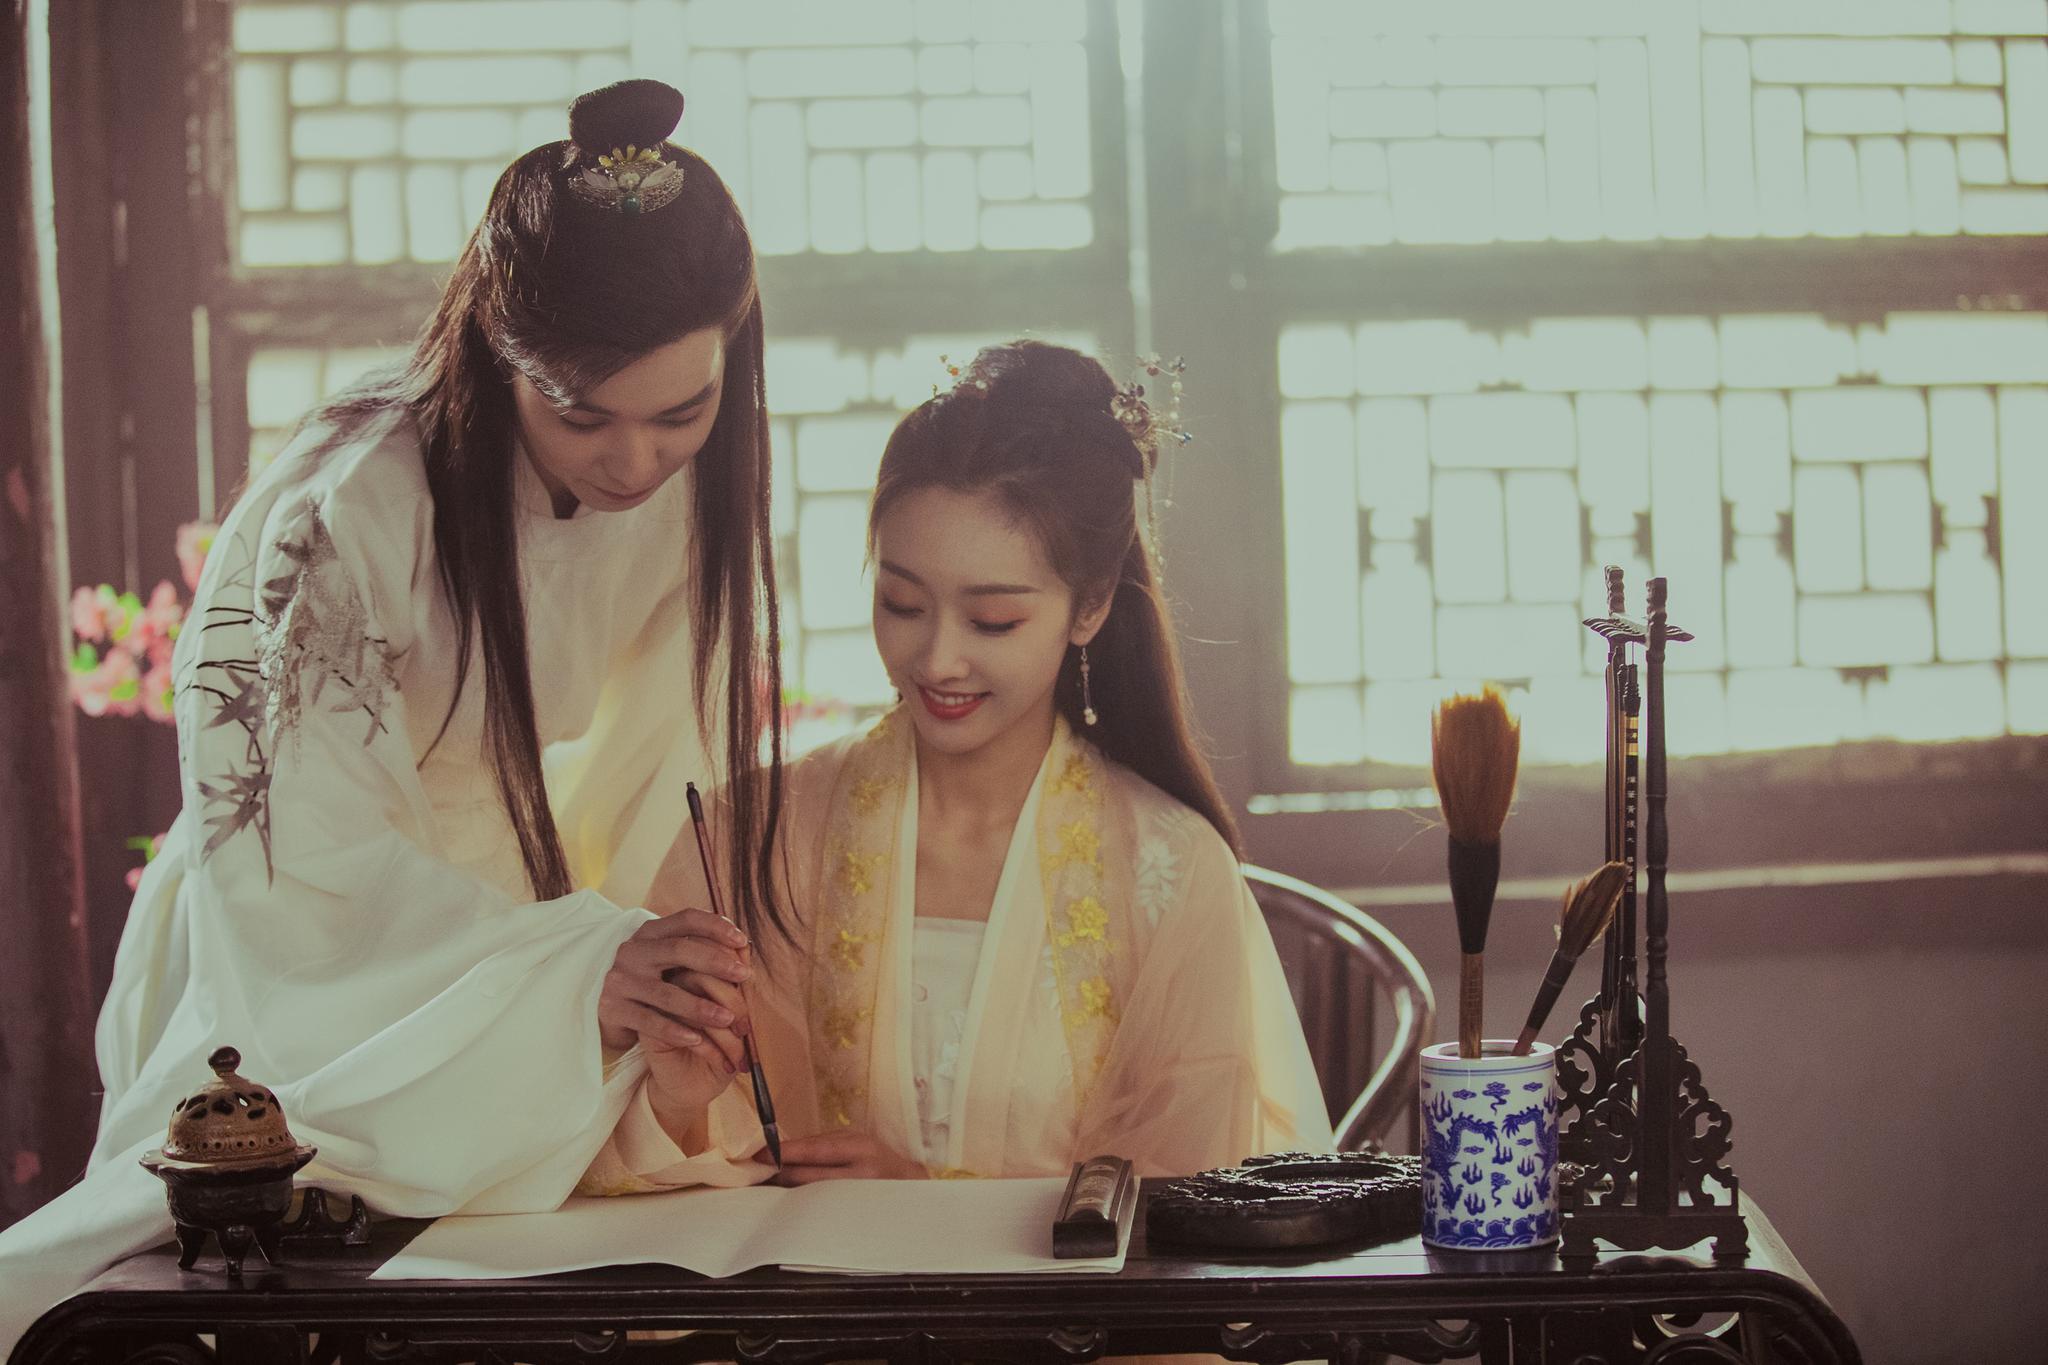 宣璐古装出镜演绎转世情缘 新歌MV《余生漫漫》陪你过冬